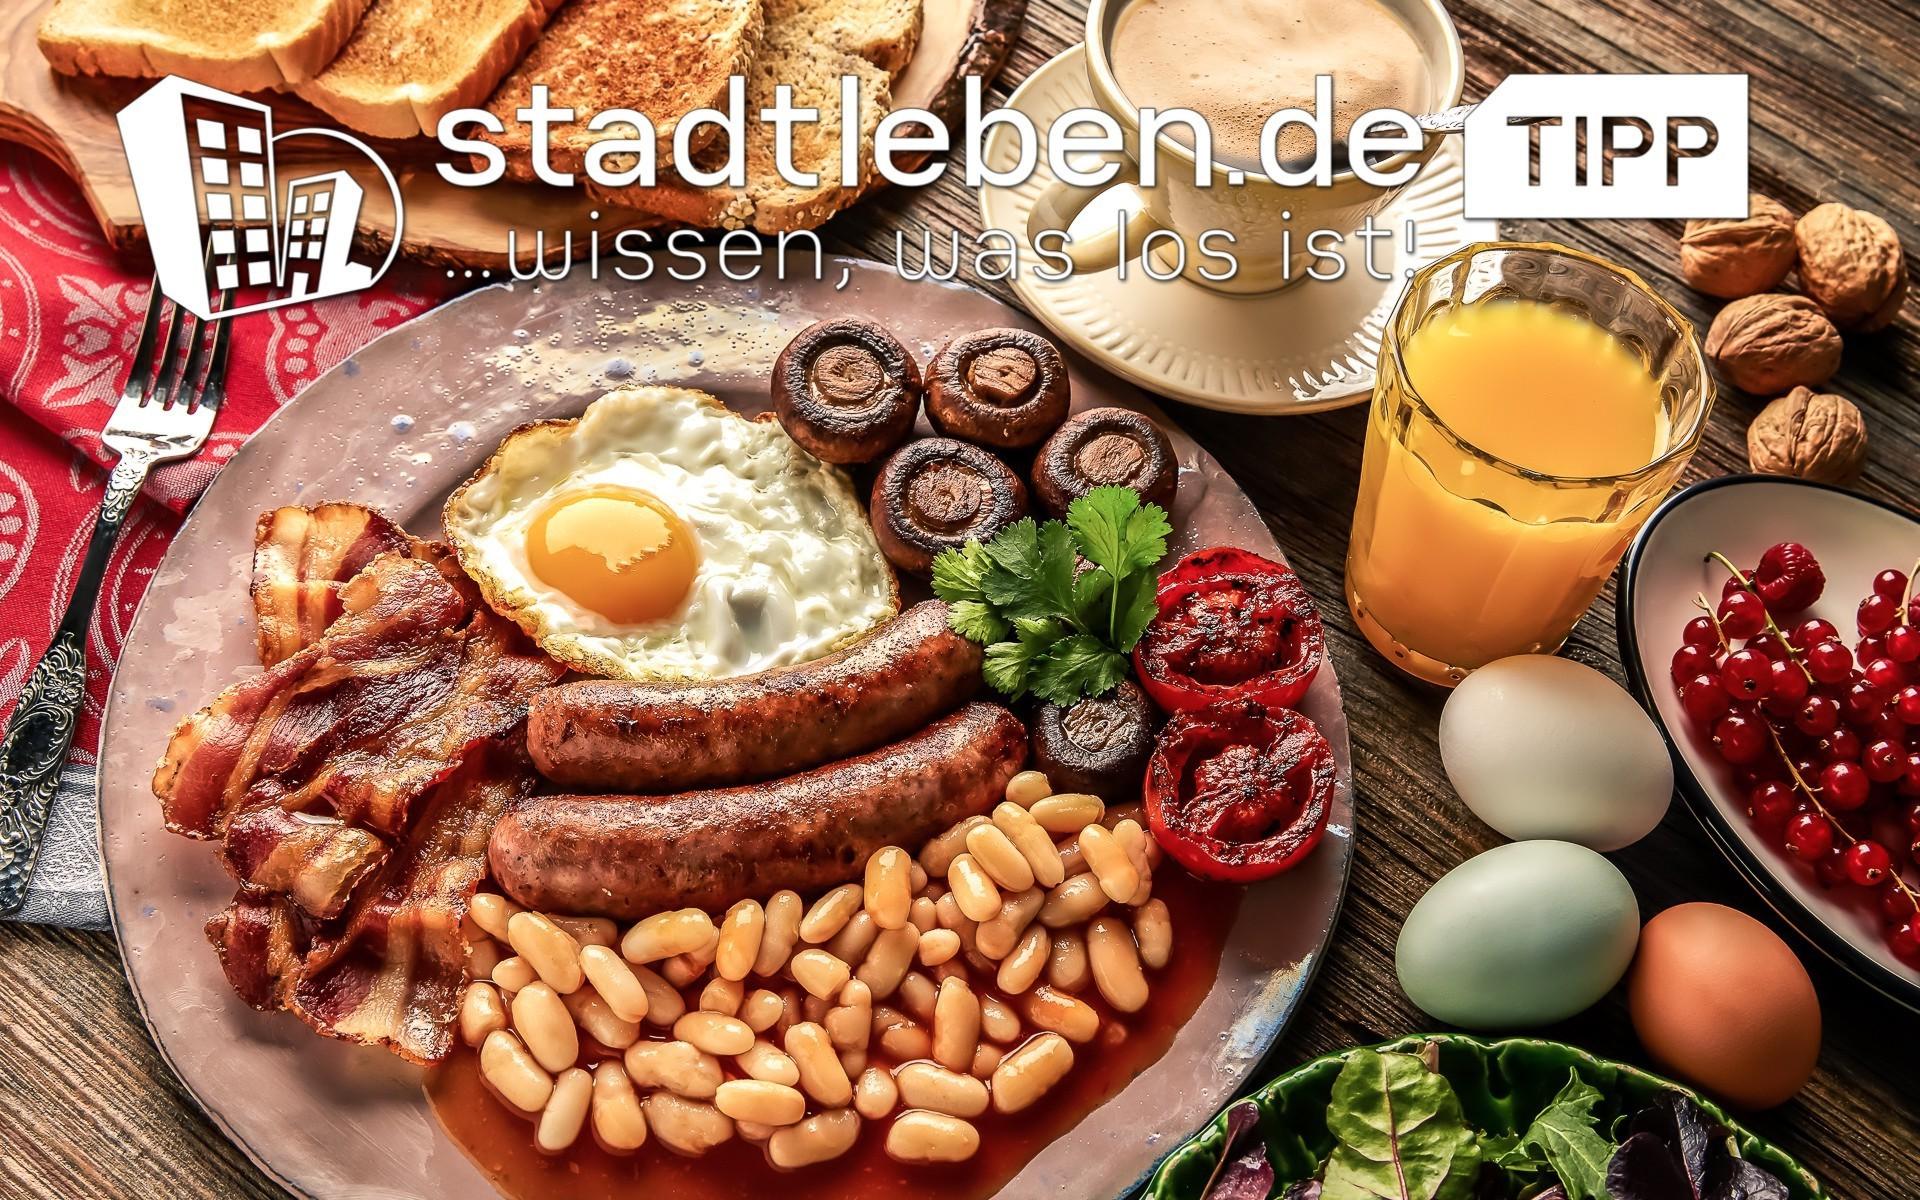 Bacon, Speck, Pilze, Spiegelei, Bohnen, Würstchen, Orangensaft, Kaffee, Eier, Toast, Nüsse, Brot, Tomaten